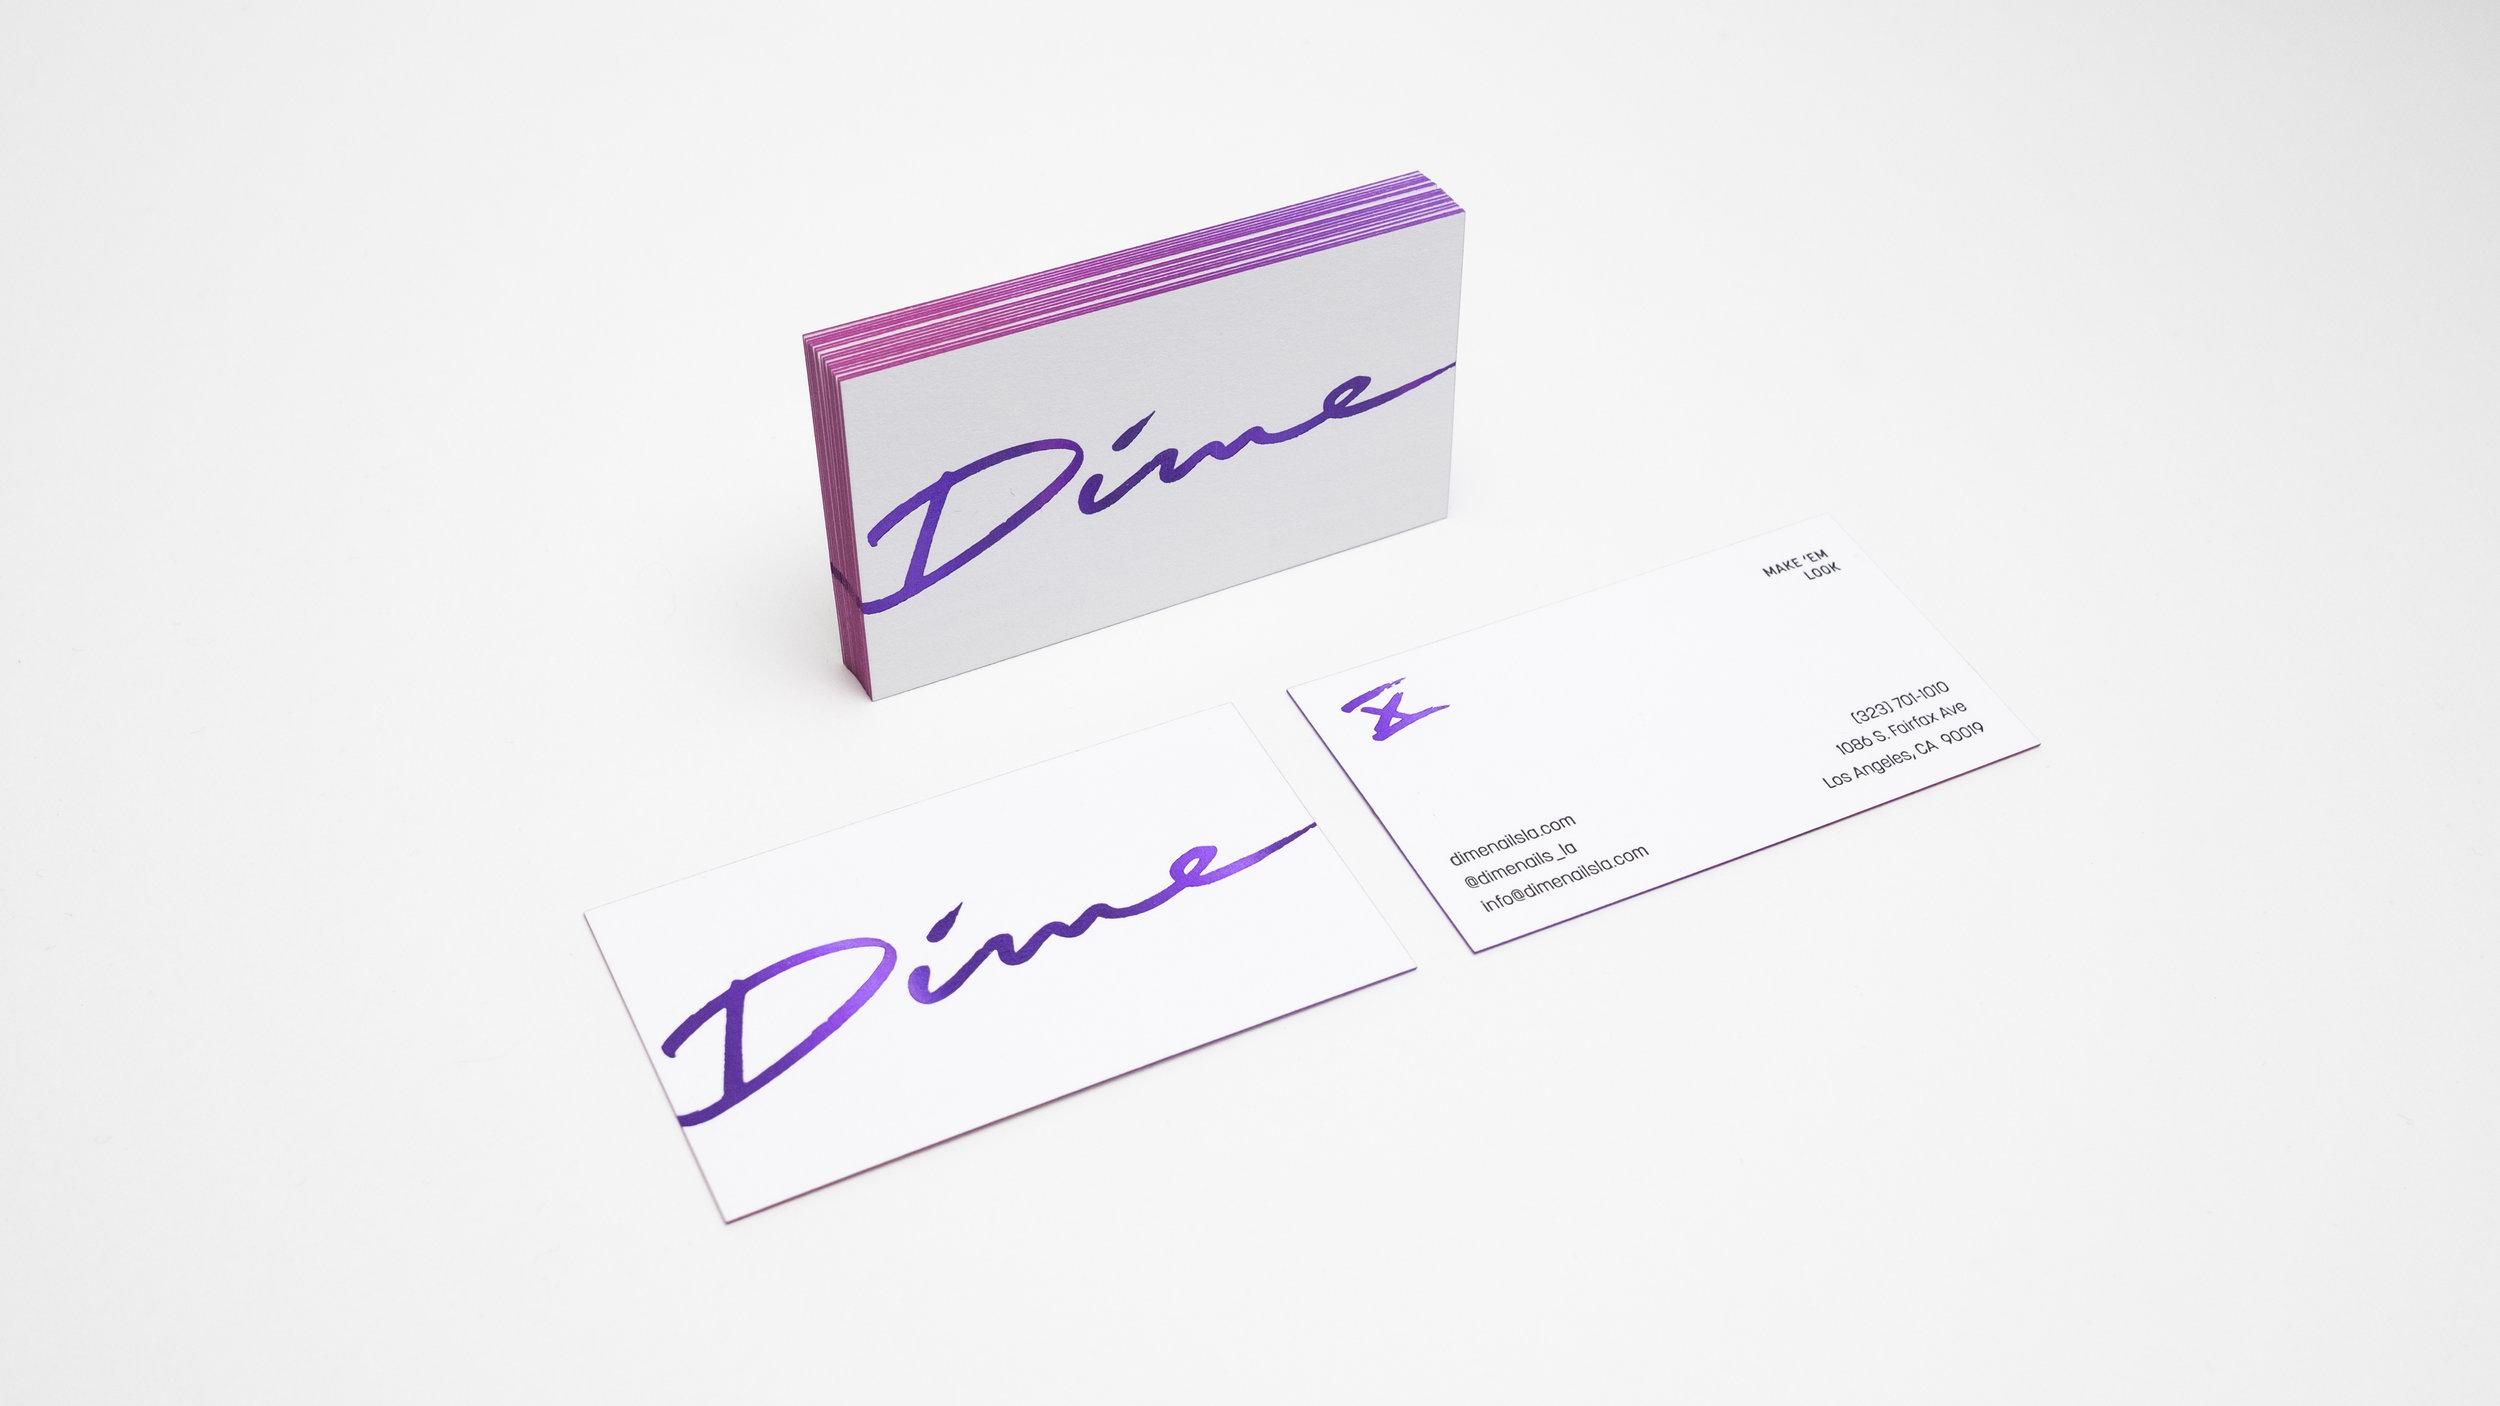 Dime_nailaalon_businesscards_julieeckertdesign_06.jpg